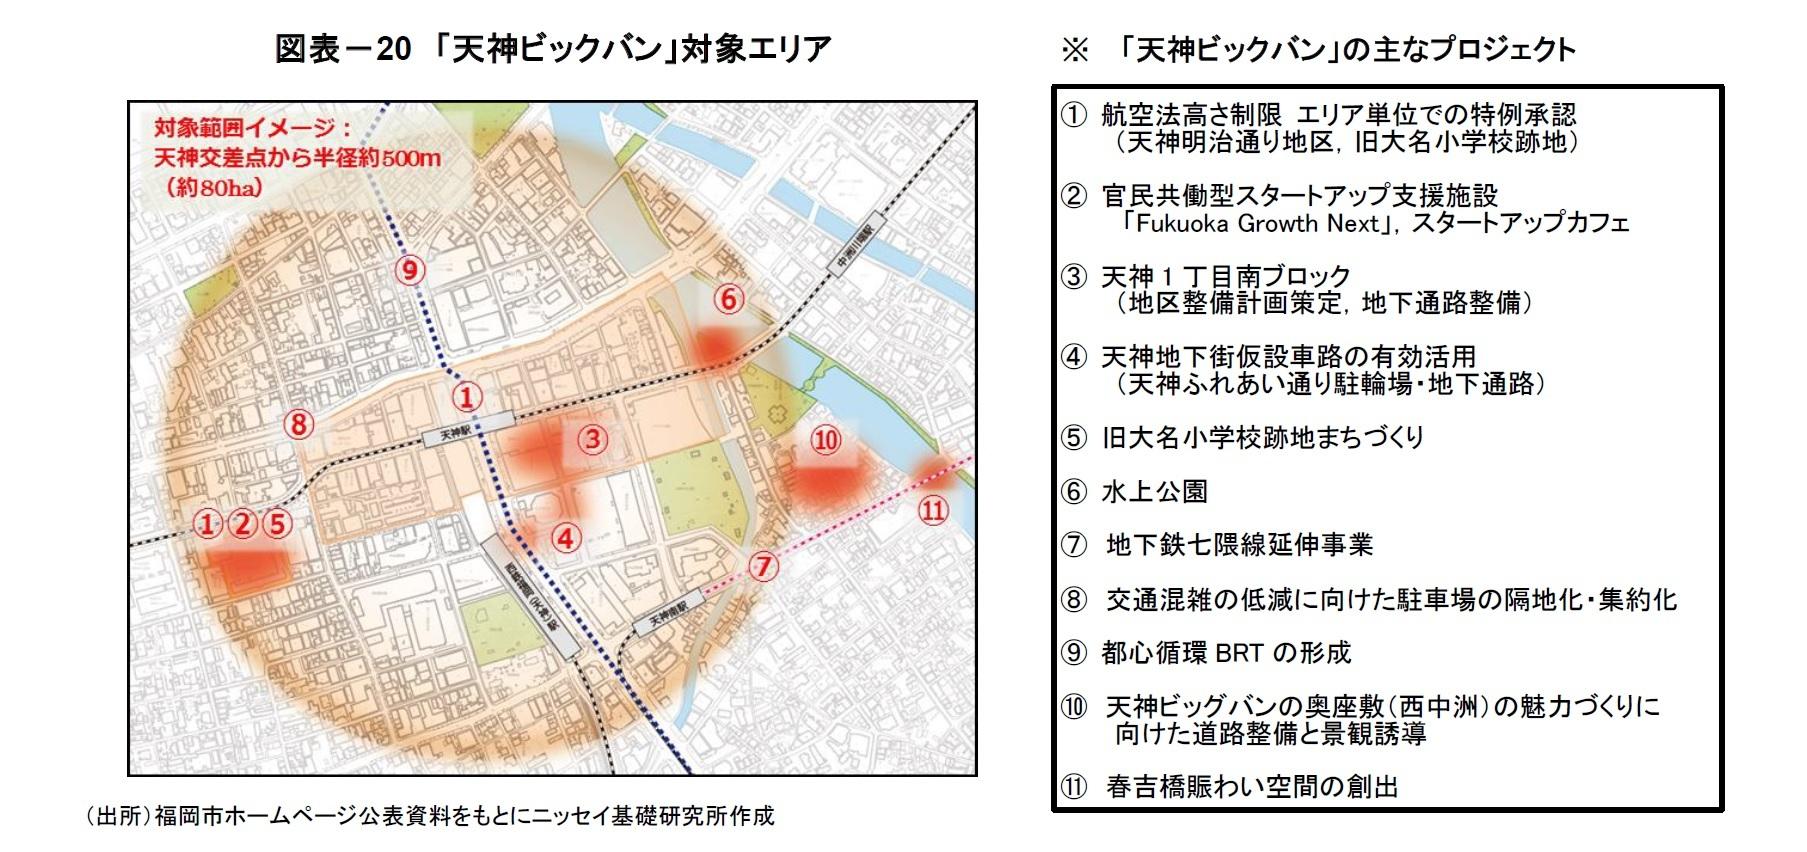 図表-20 「天神ビックバン」対象エリア/※ 「天神ビックバン」の主なプロジェクト